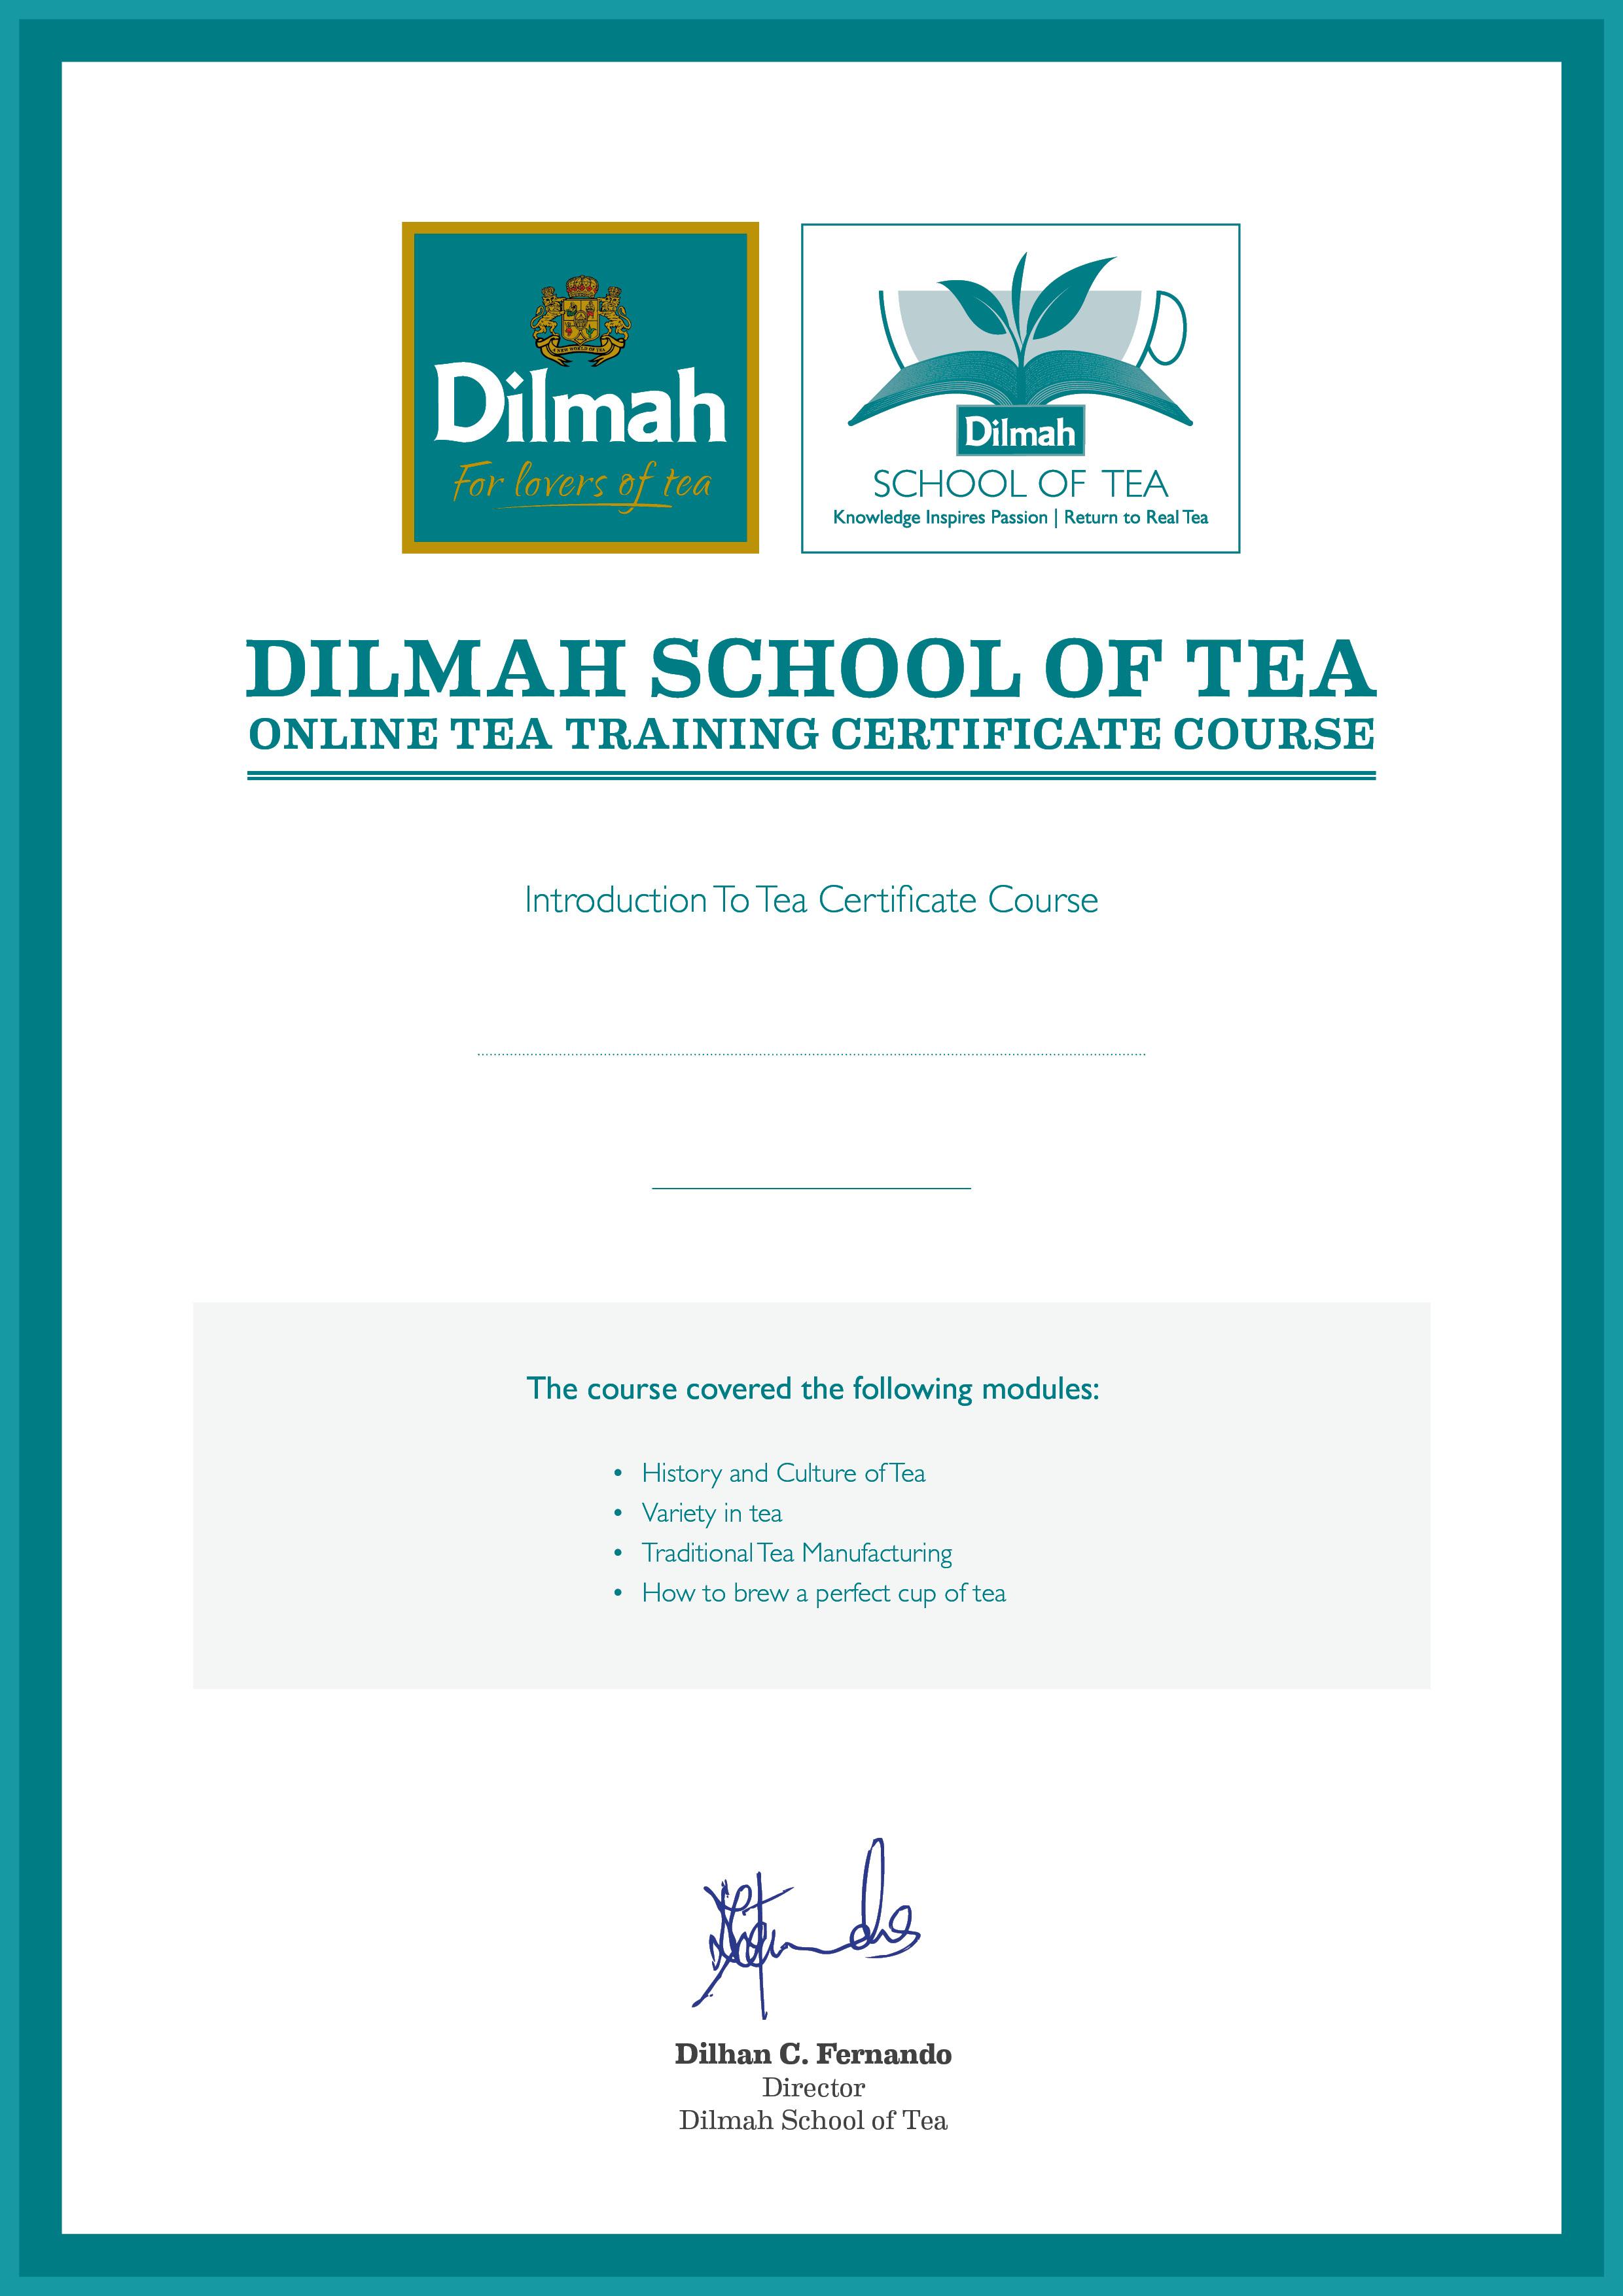 tea certificate dilmah training course courses